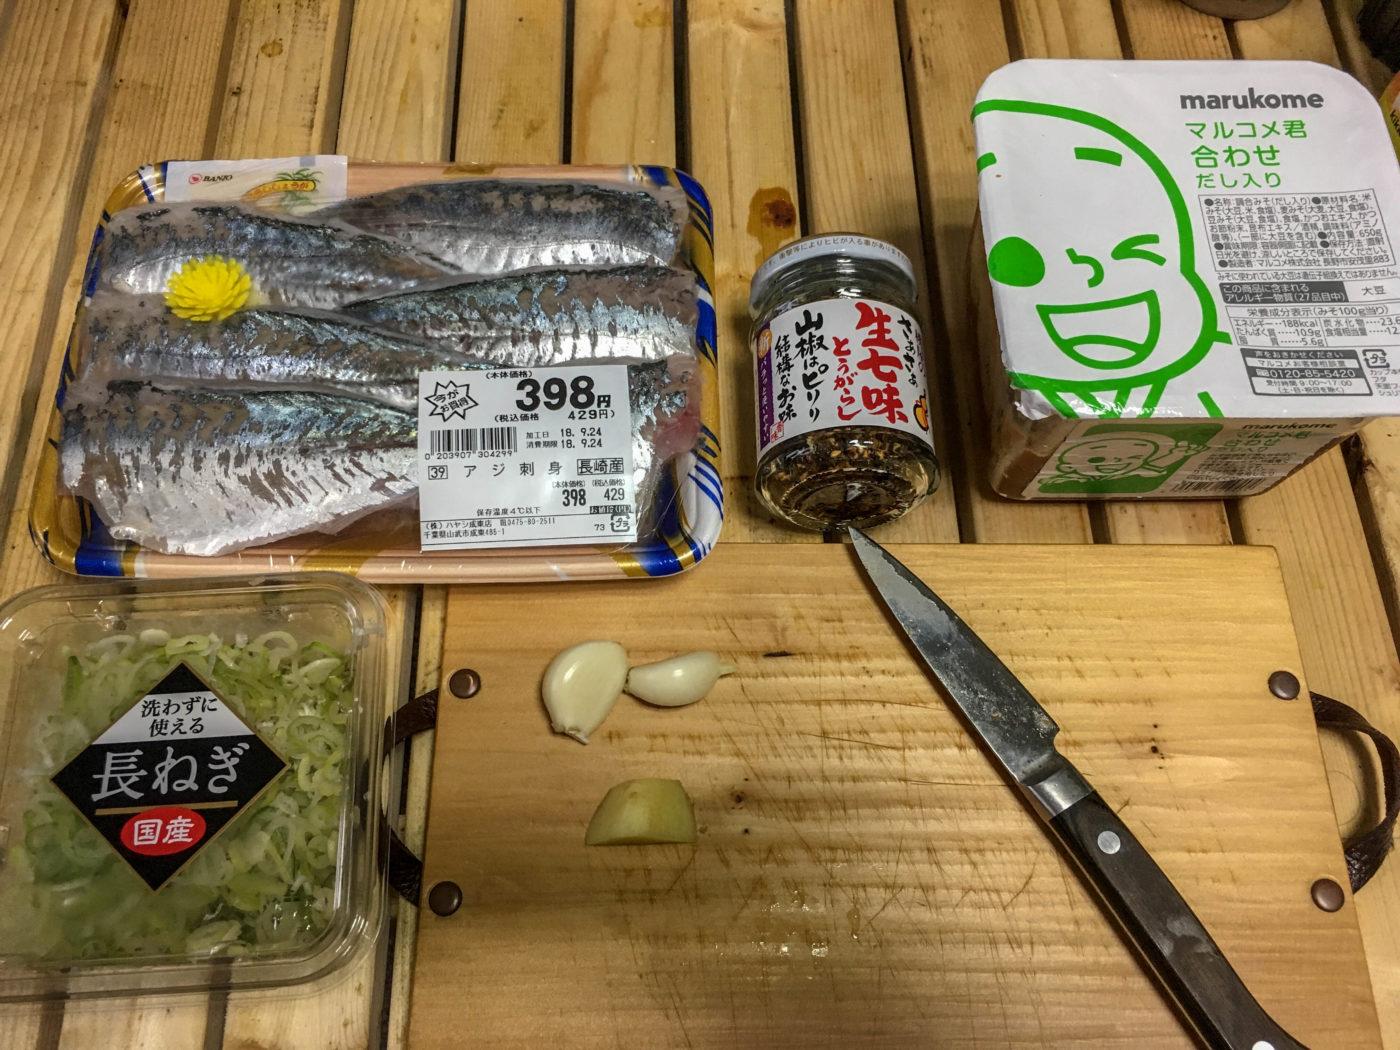 【キャンプ飯レシピ】アジのなめろうのようなタタキのようなものが酒のつまみに最高